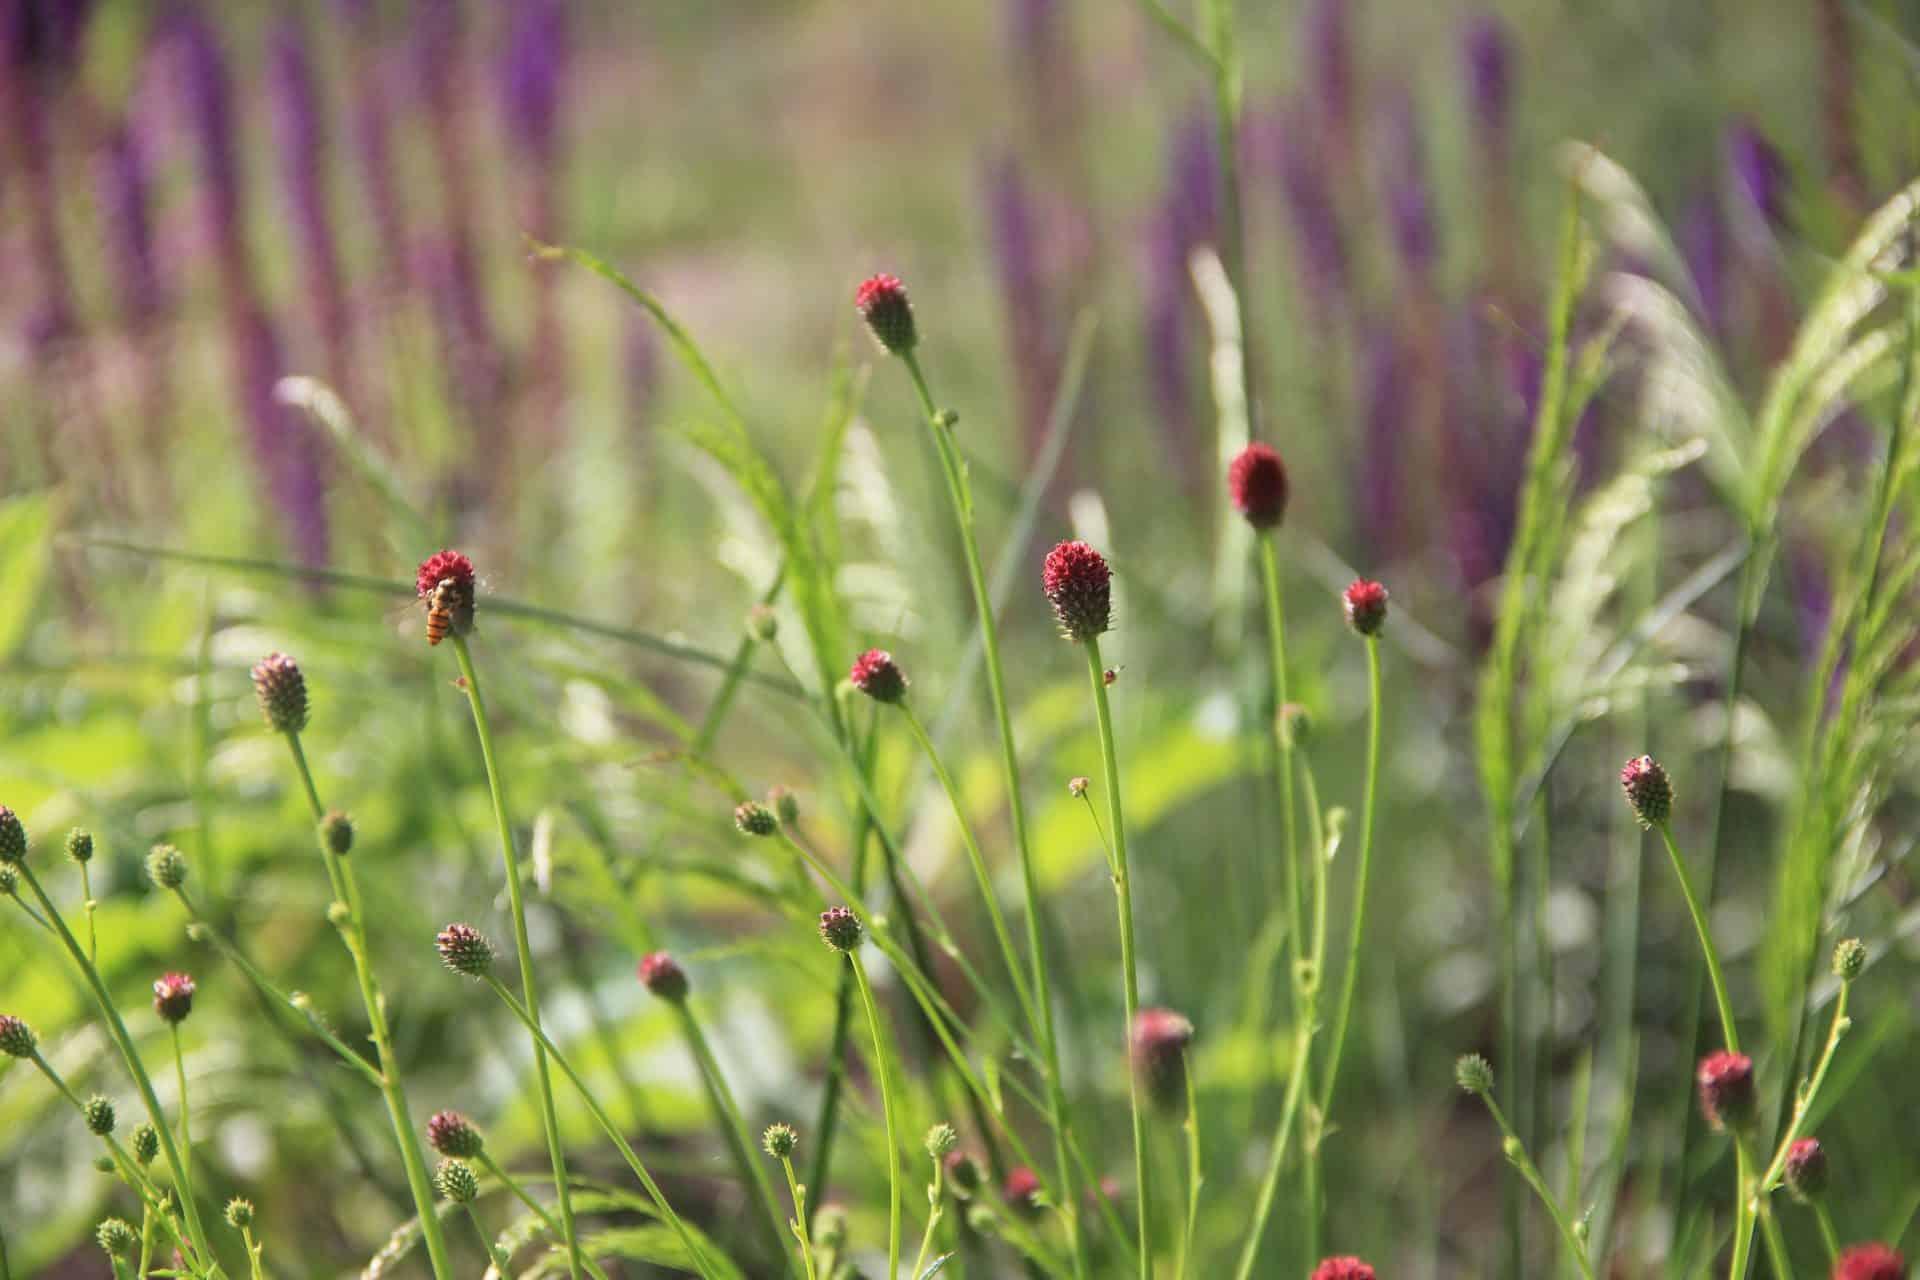 Je kunt altijd iets bijdragen aan lokale ecologie voor bijvoorbeeld vlinders, bijen, vogels en amfibieën. Een tuin kan zo een steppingstone binnen het landschap worden. En alle tuinen bij elkaar samen hebben de potentie om een geweldig groot leefgebied voor deze dieren te vormen. Als er maar aandacht aan wordt besteed in het ontwerp en de tuin zo groen mogelijk wordt gemaakt. De juiste soortenkeus is daarbij wel bepalend. Een veel gekozen plantensoort zoals de Hortensia 'Annabelle' heeft juist geen enkele waarde. Je zult daar geen vlinder in de buurt zien. Dit soort doorgekweekte planten vermijden we daarom graag en we zorgen voor soorten waar de lokaal voorkomende dieren iets aan hebben.